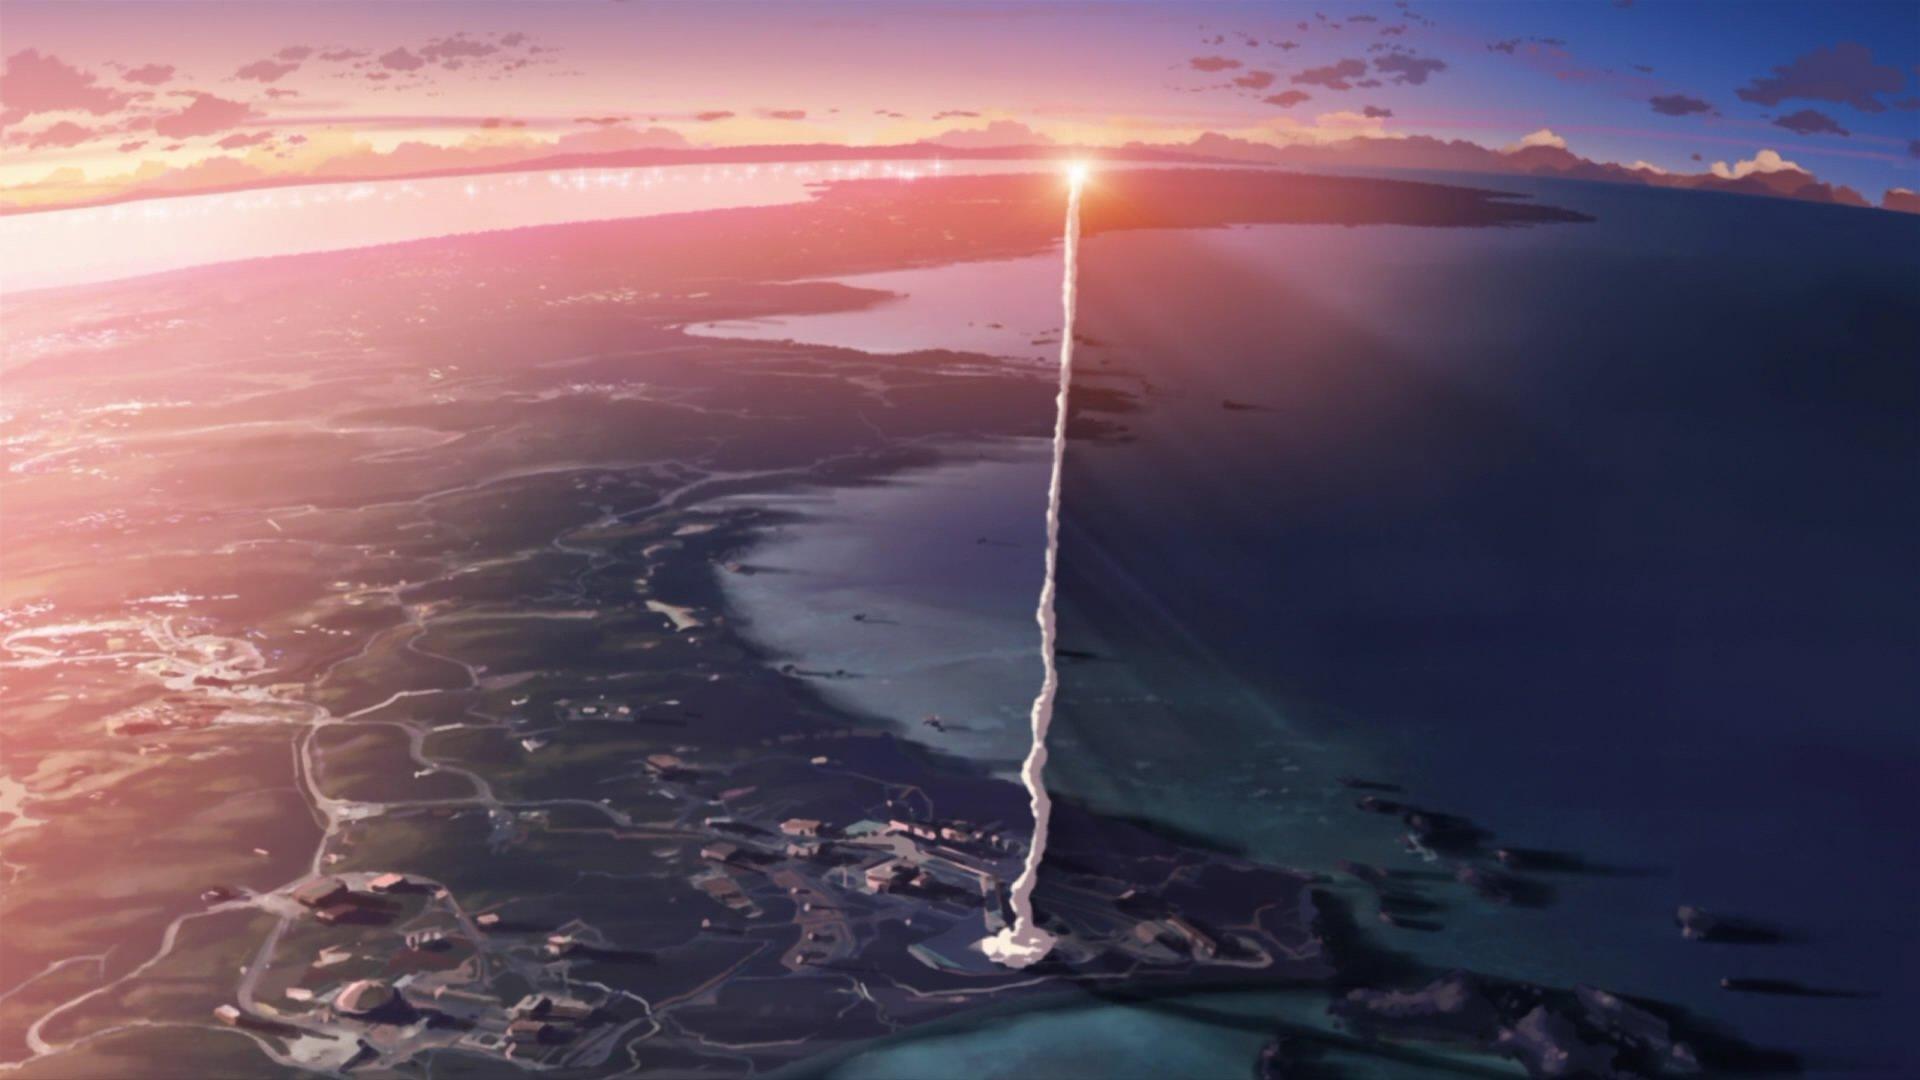 Makoto Shinkai 5 Centimeters Per Second Contrails